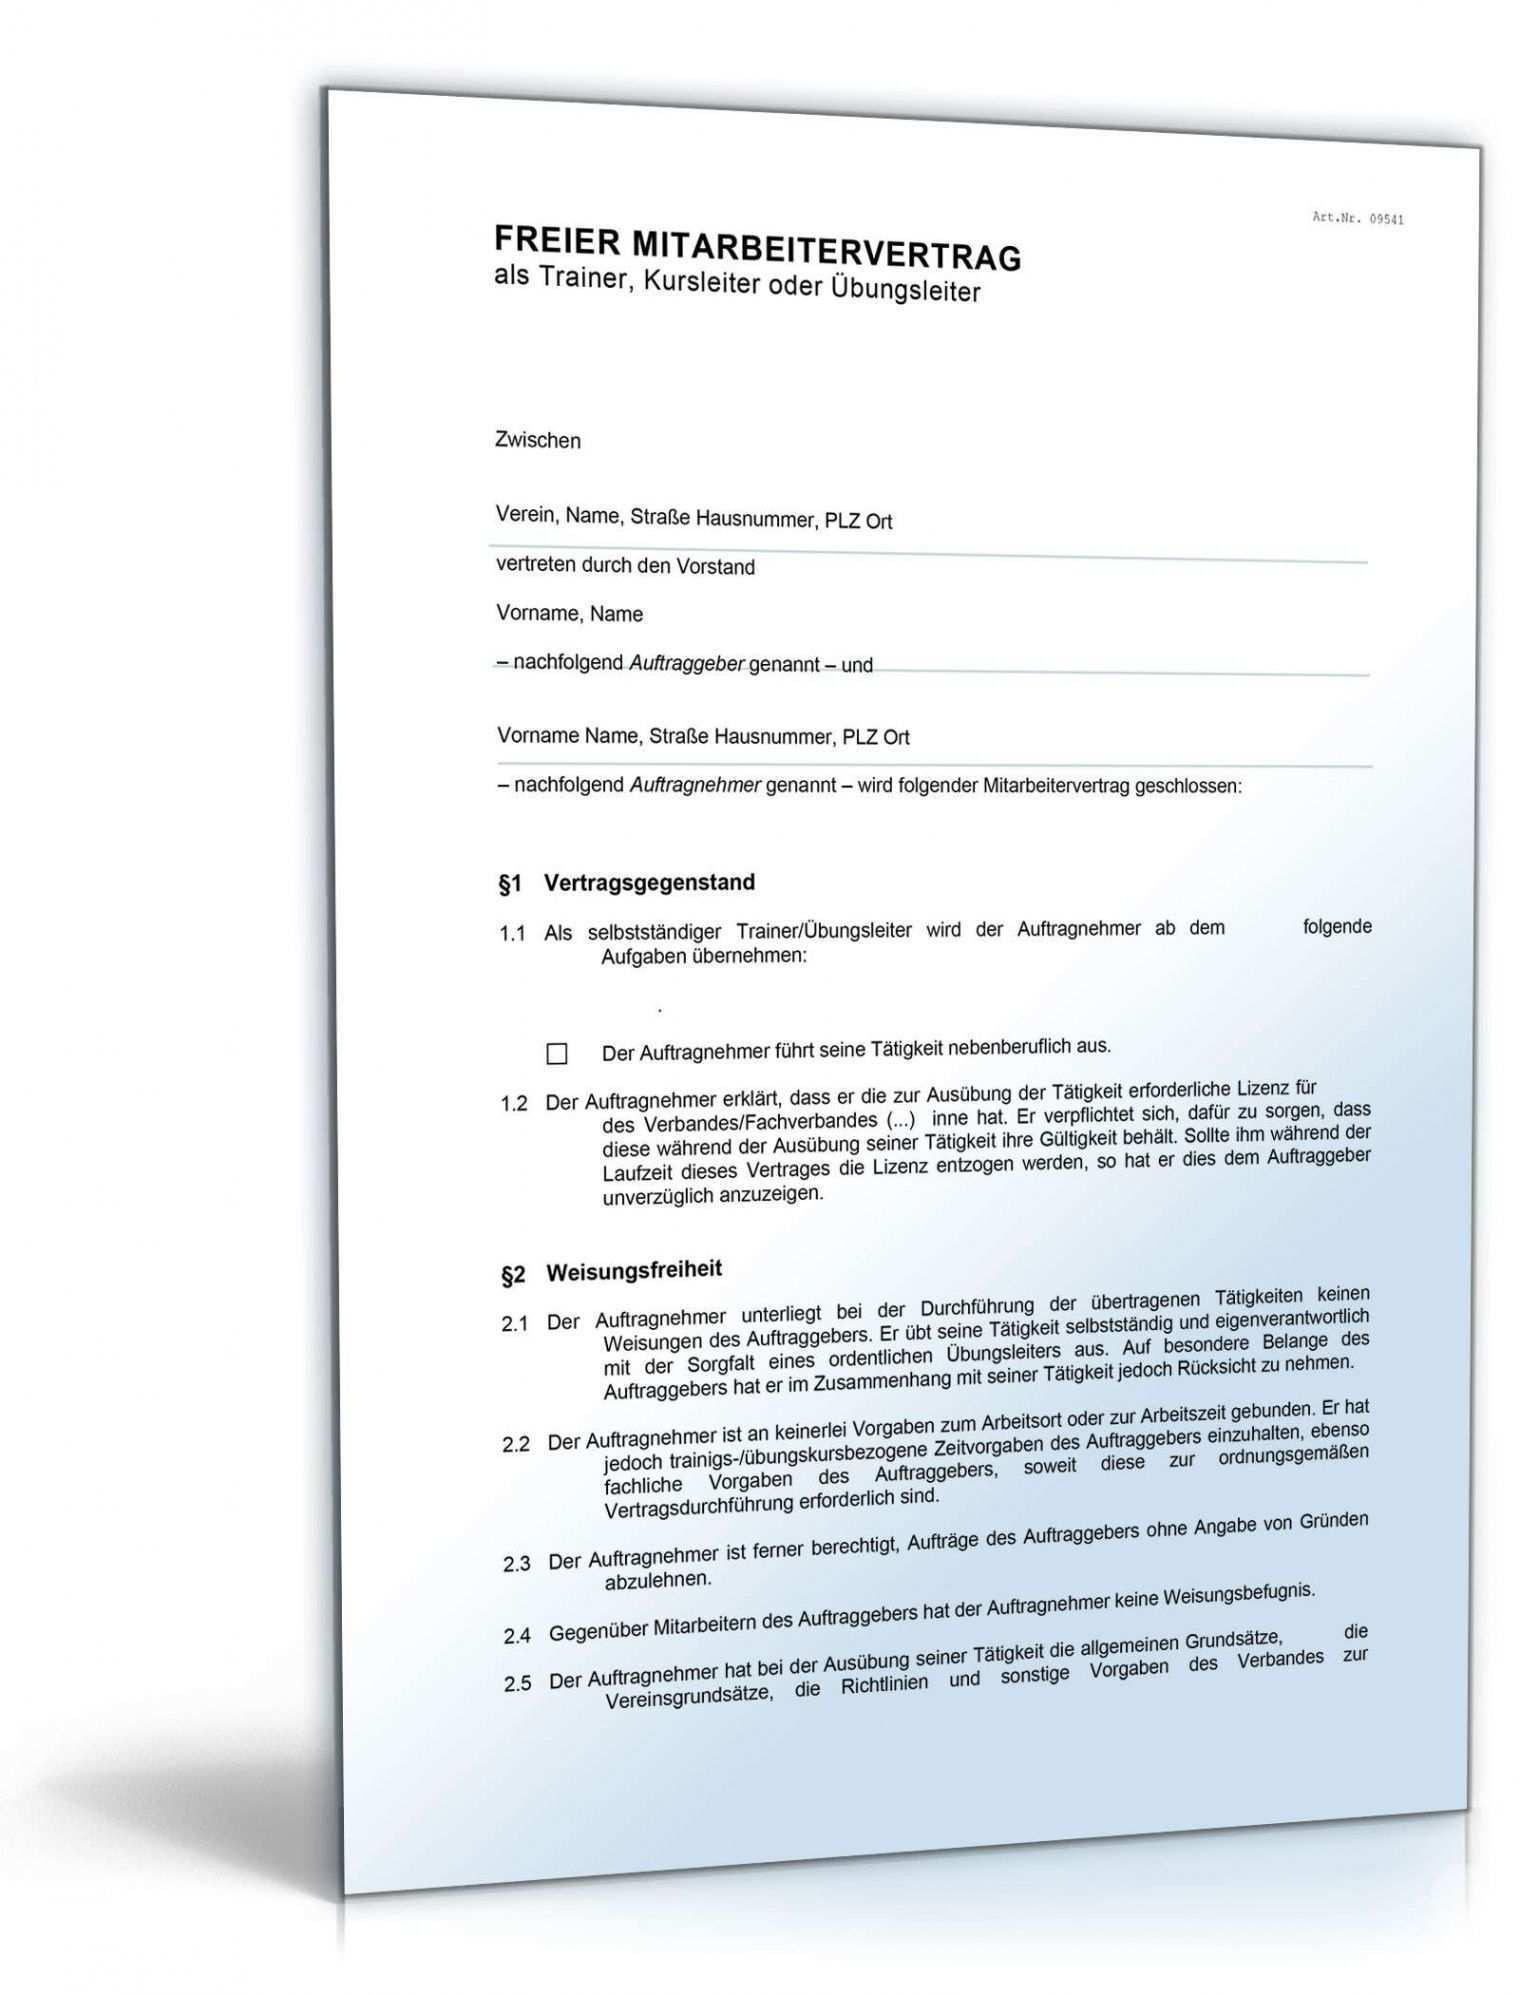 Scrollen Unsere Kostenlos Von Vereinbarung Ehrenamtliche Tatigkeit Ehrenamtliche Tatigkeit Ehrenamt Vereinbarung